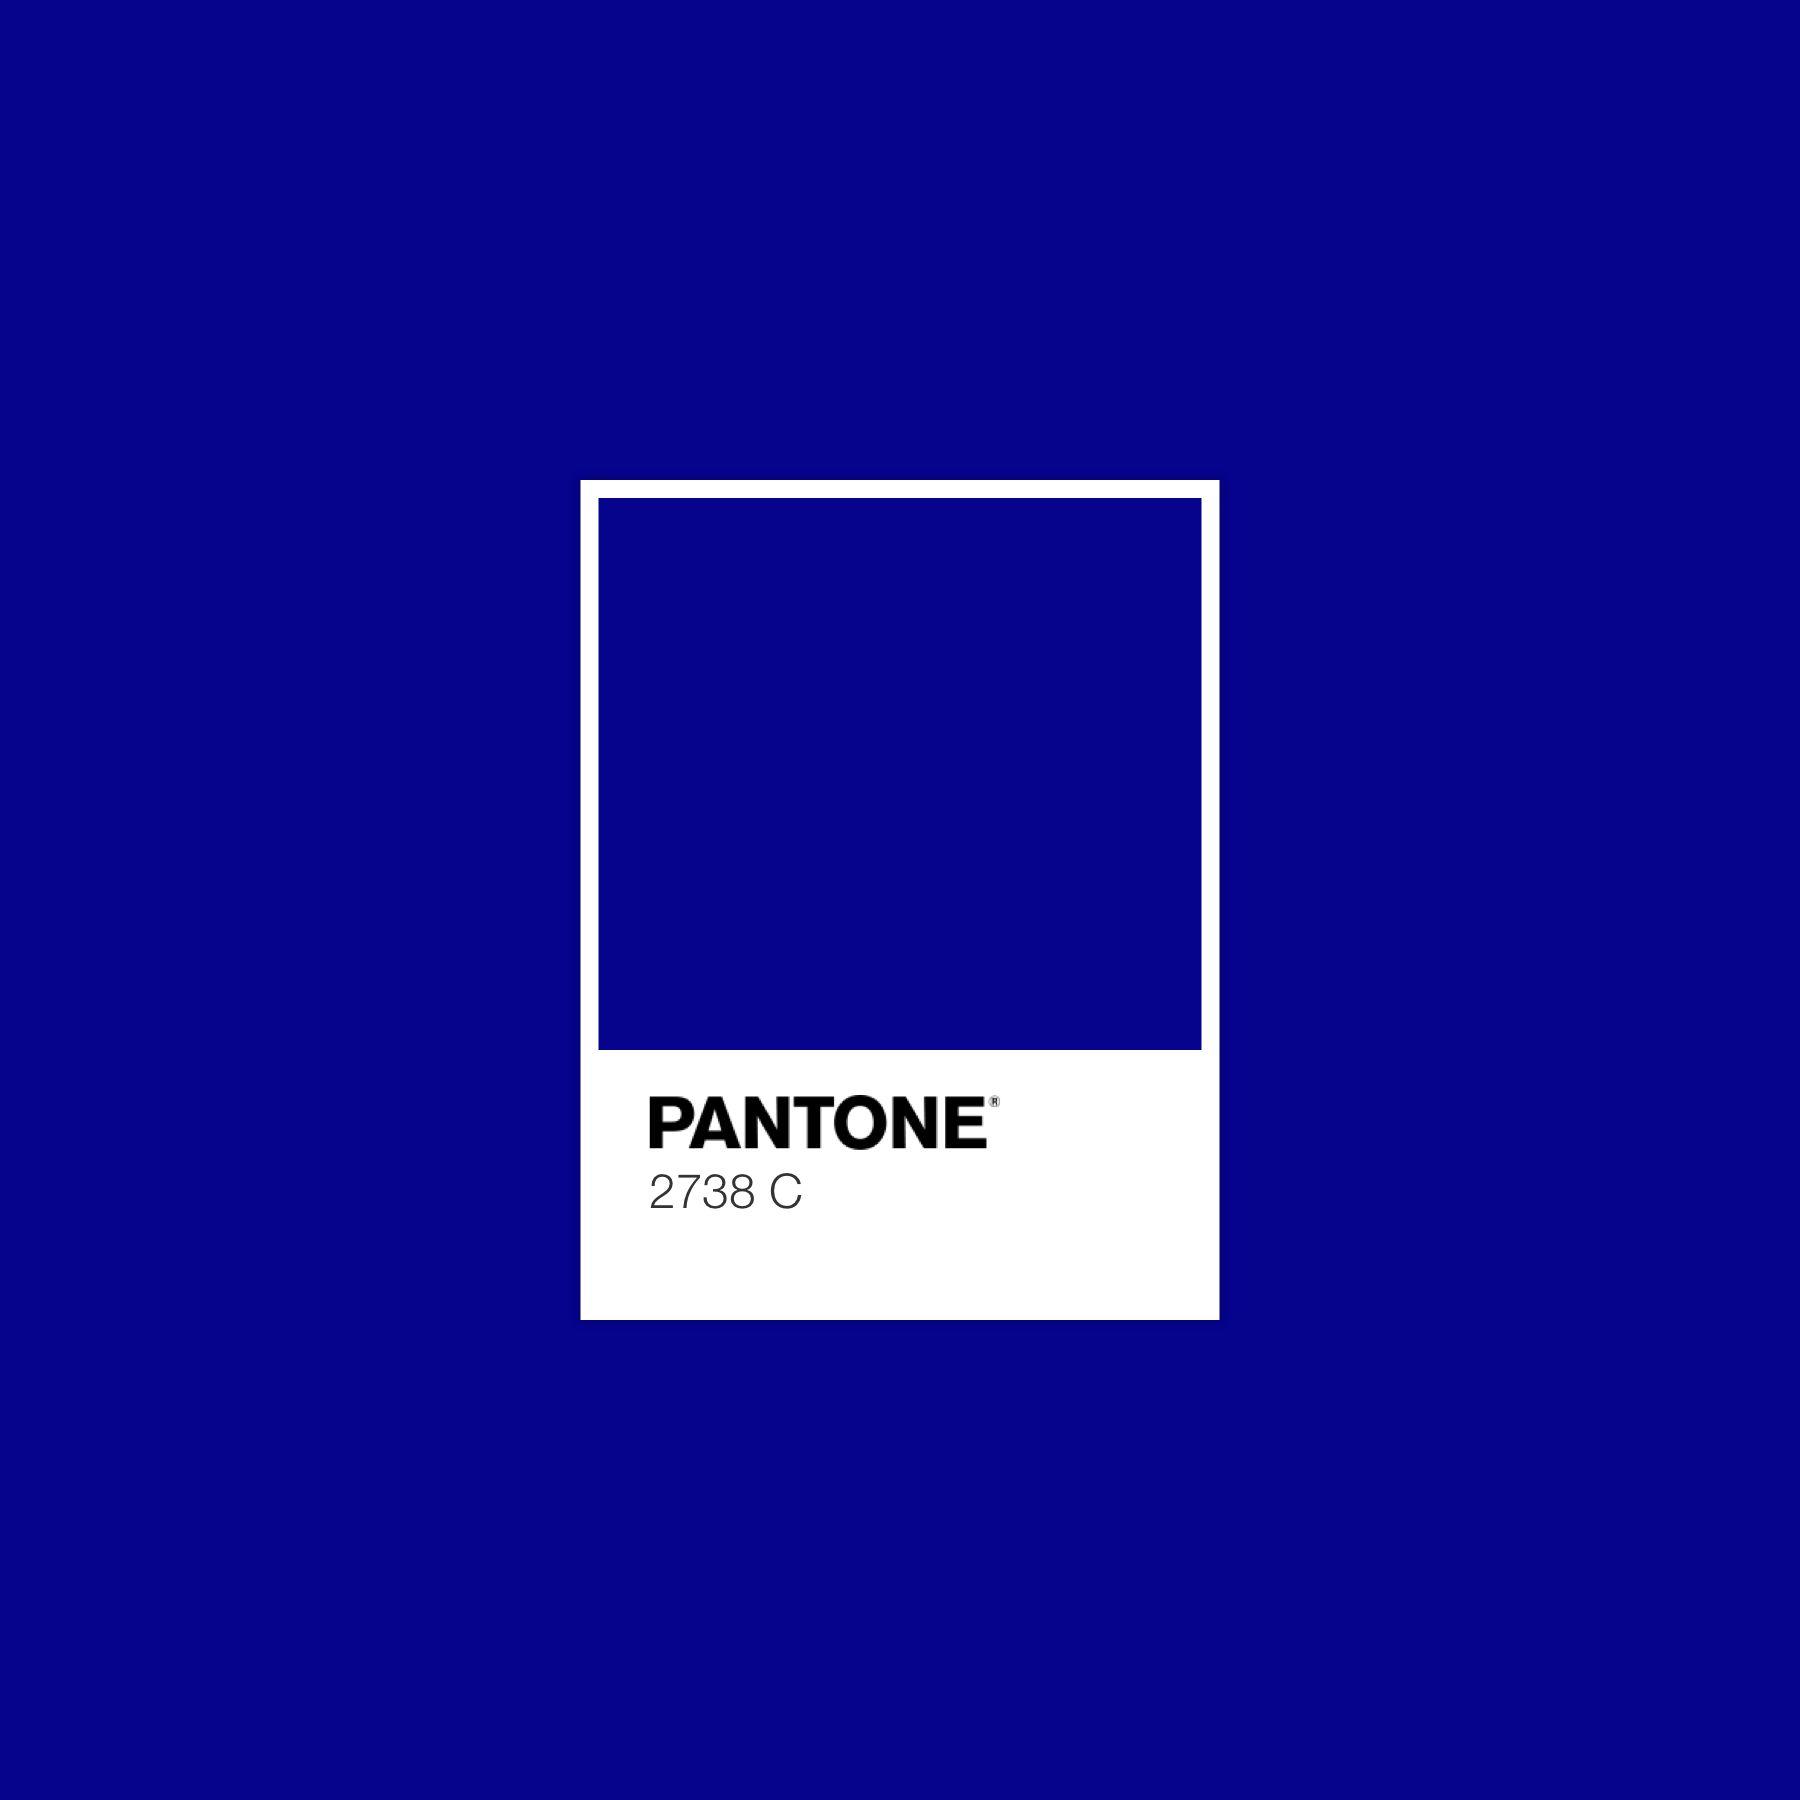 Pantone Cobalt Blue Luxurydotcom Pantone Blue Cobalt Blue Paint Blue Color Schemes